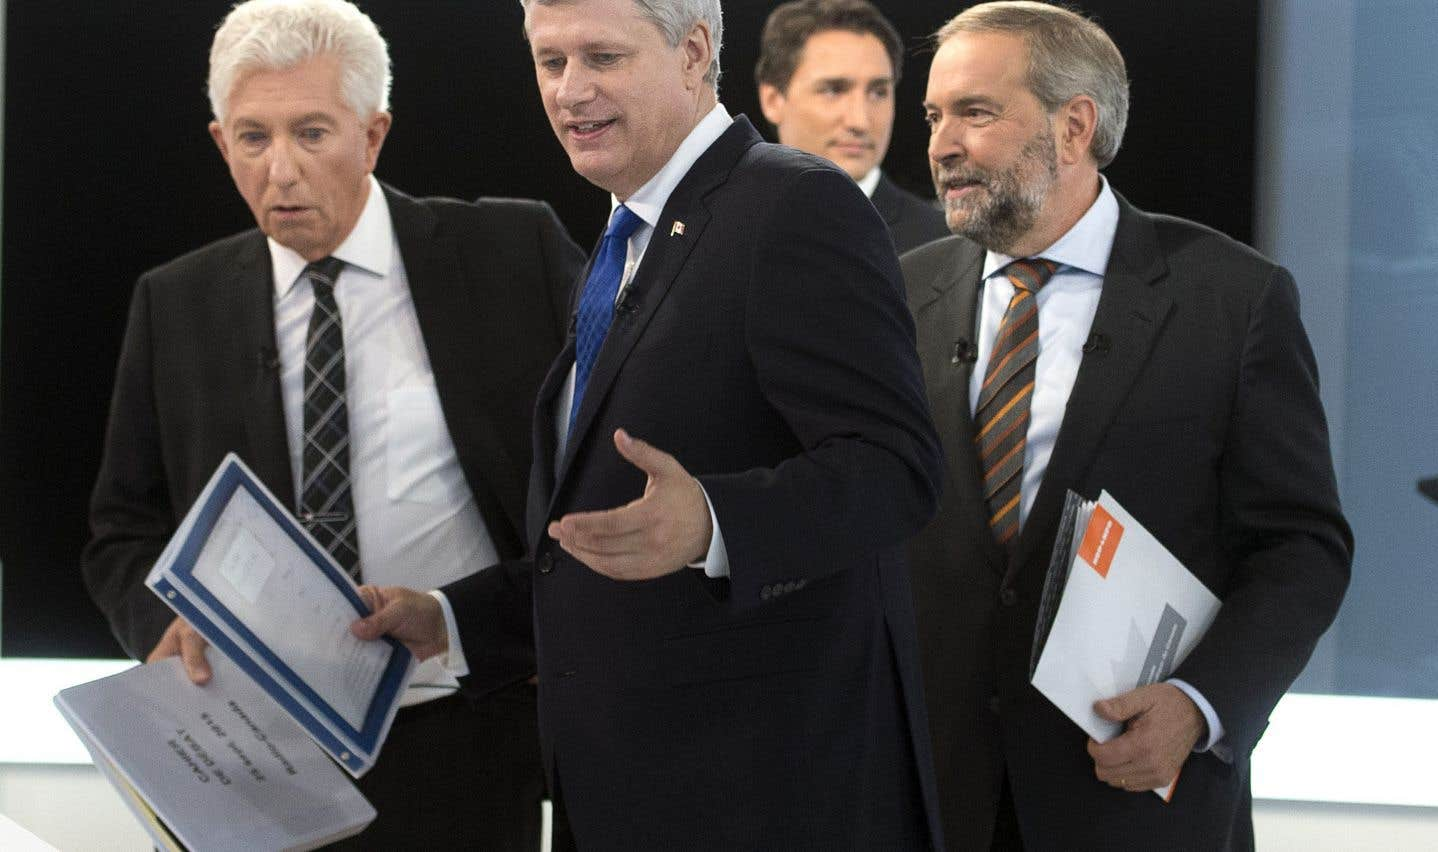 Stephen Harper, Gilles Duceppe, Thomas Mulcair et Justin Trudeau lors d'un des débats des dernières élections fédérales.